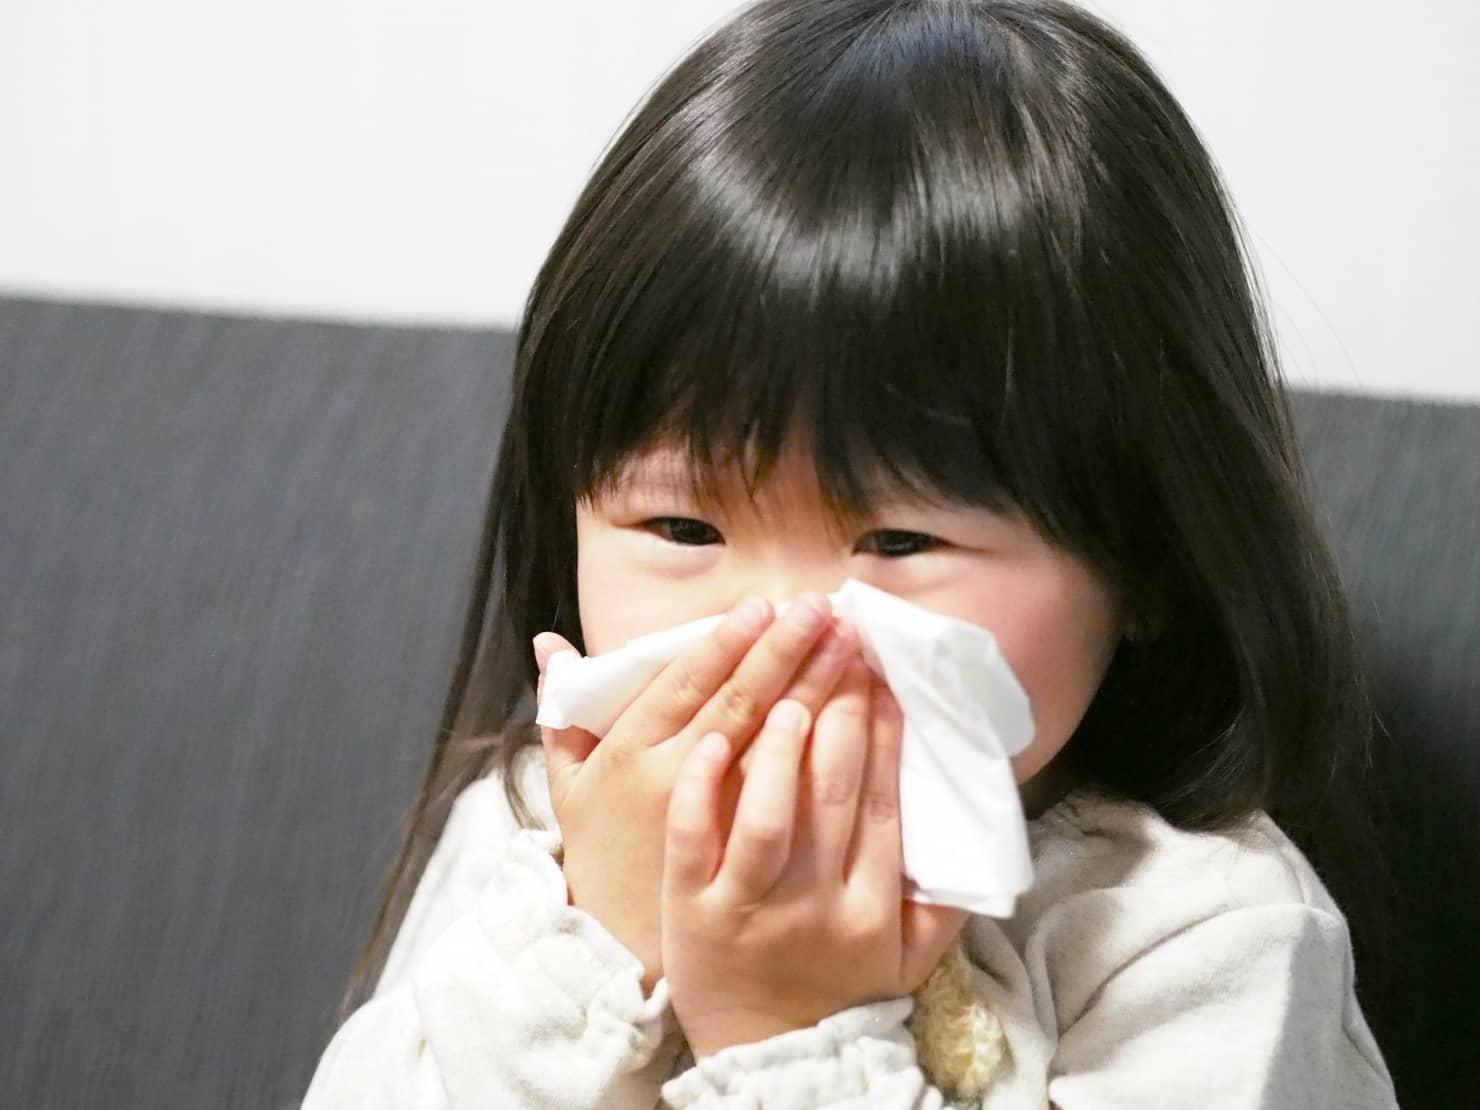 RSウイルス感染症とは? 症状は? 保育園や幼稚園は登園禁止? 大人にもうつる?